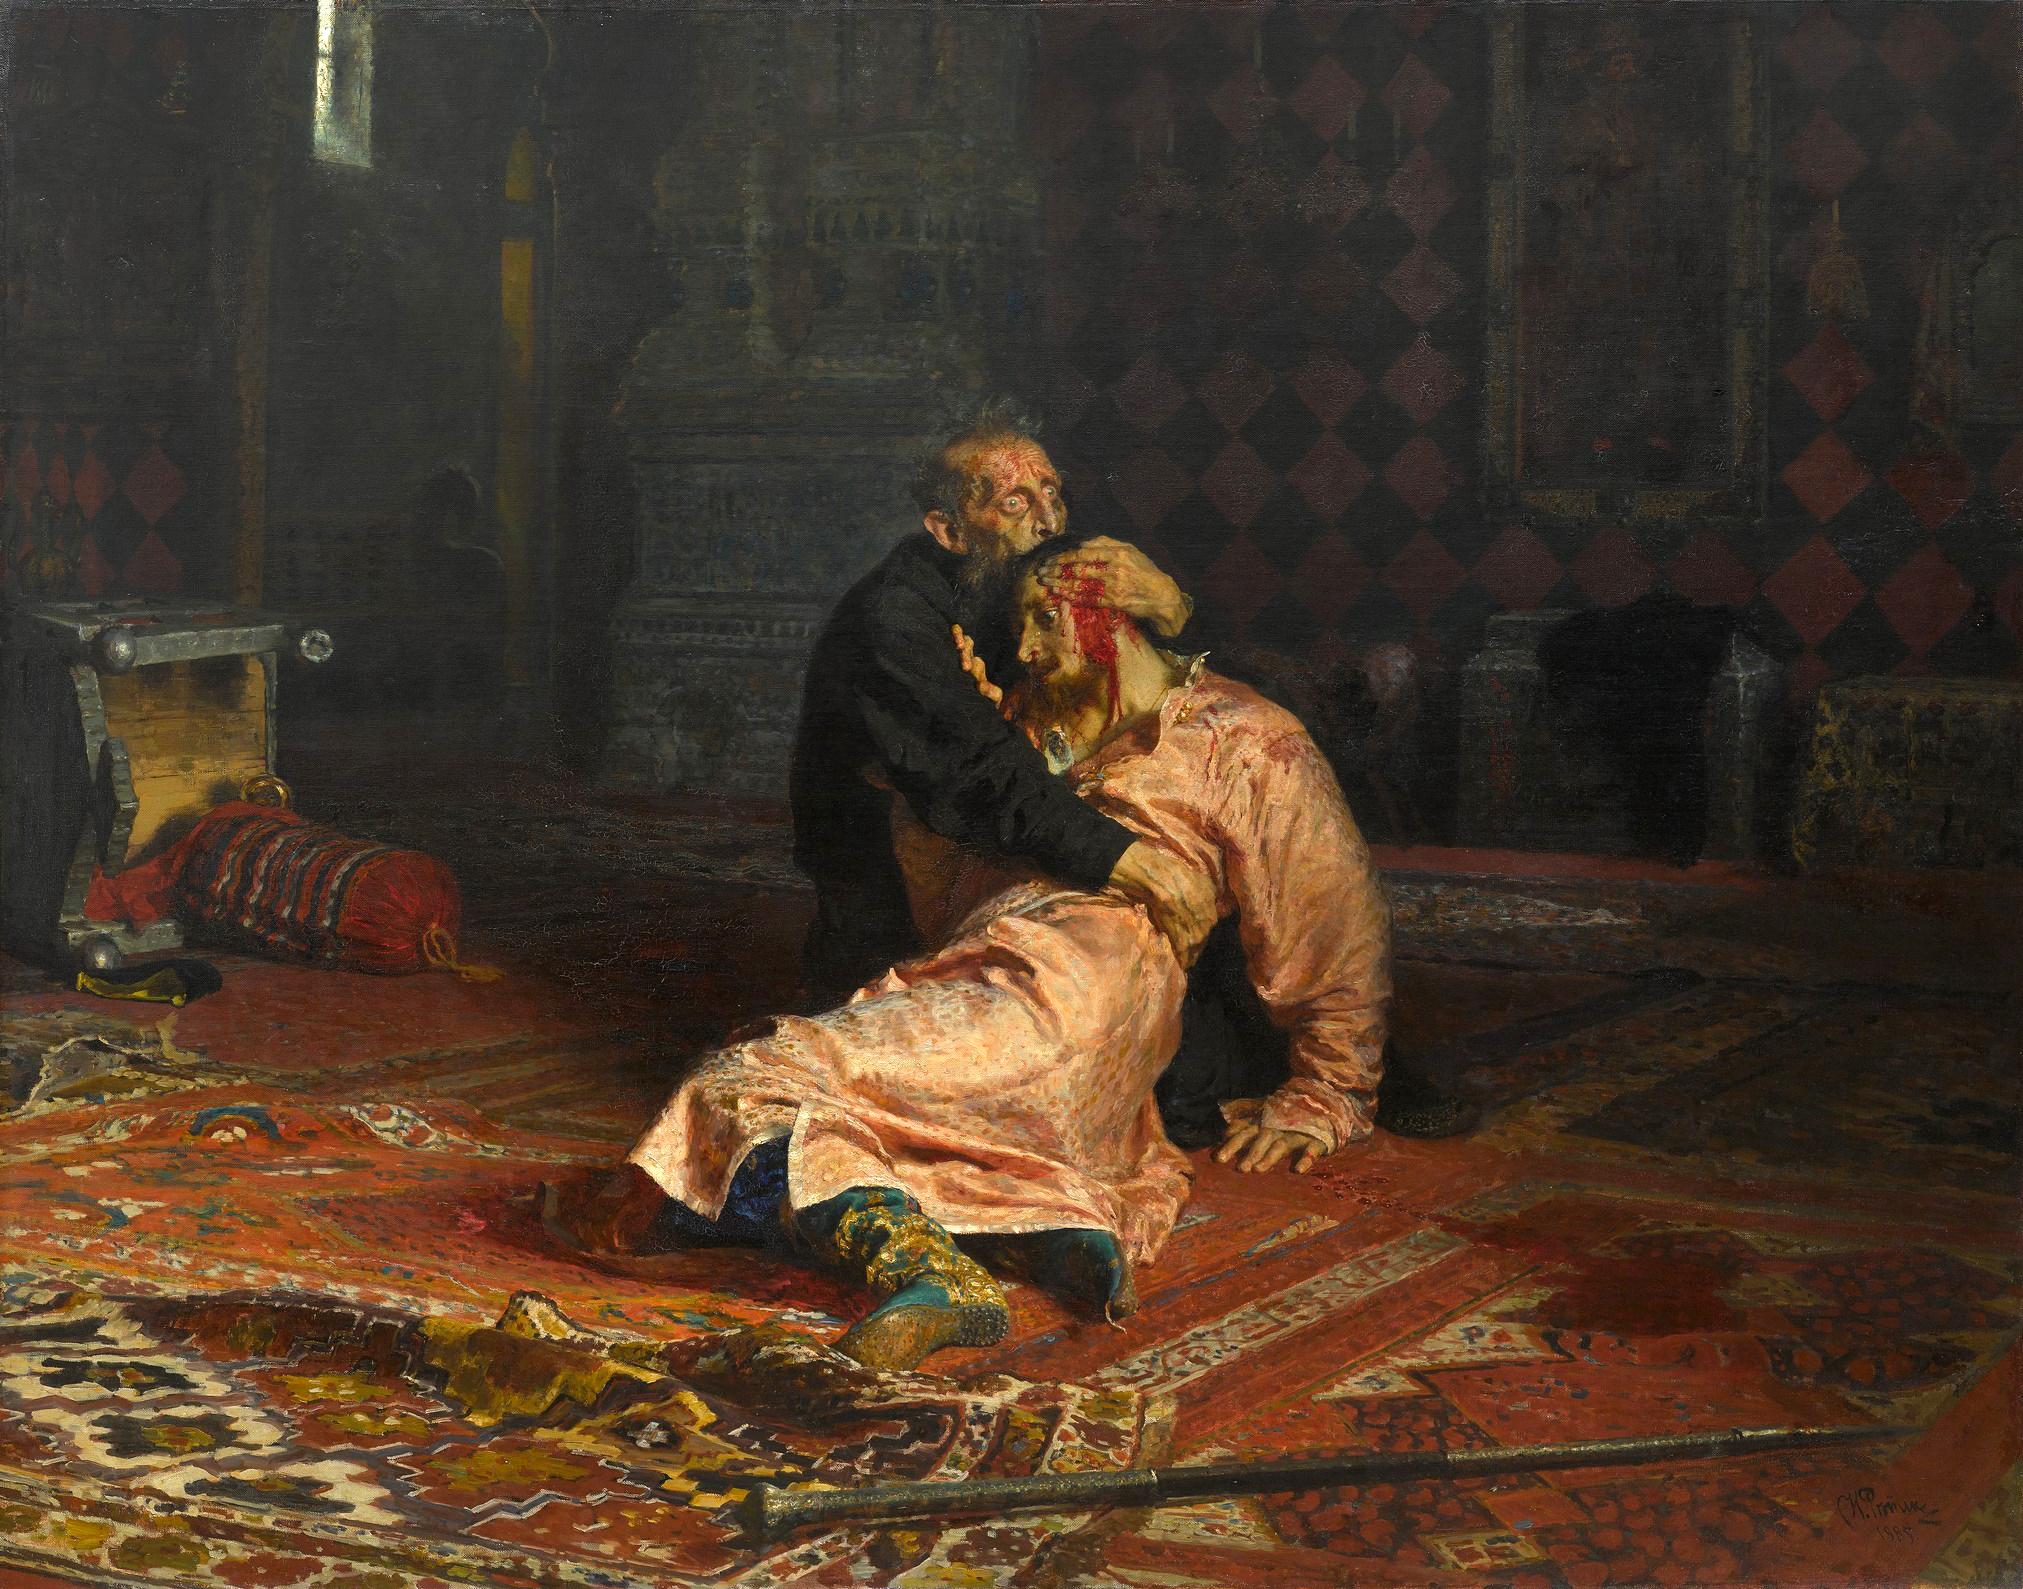 Iván el Terrible y su hijo por Iliá Repin